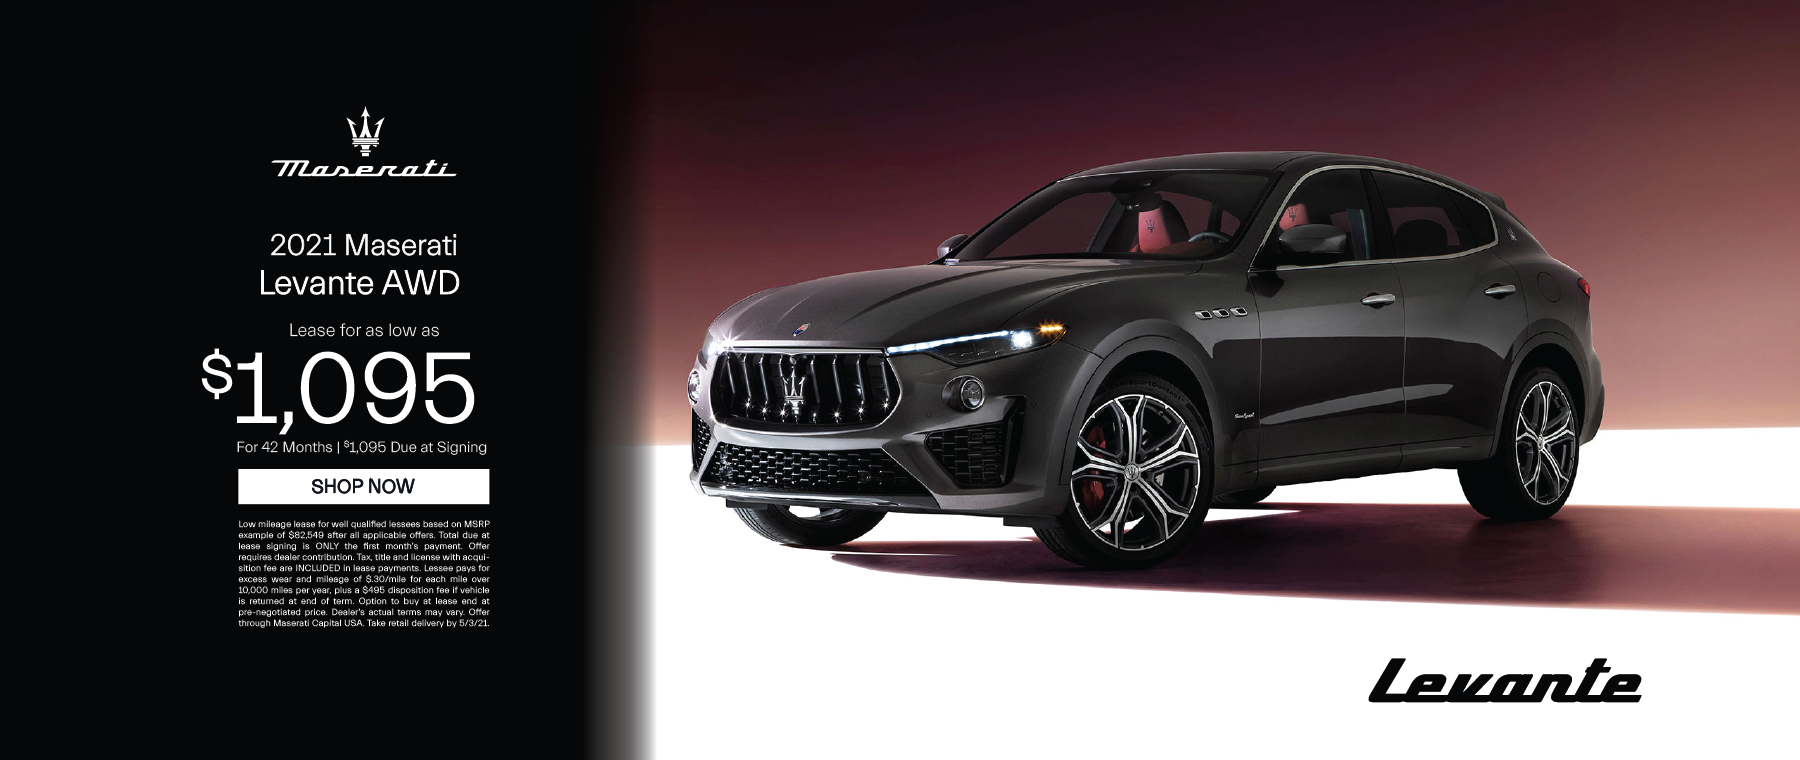 Essense Maserati – Levante – April 2021